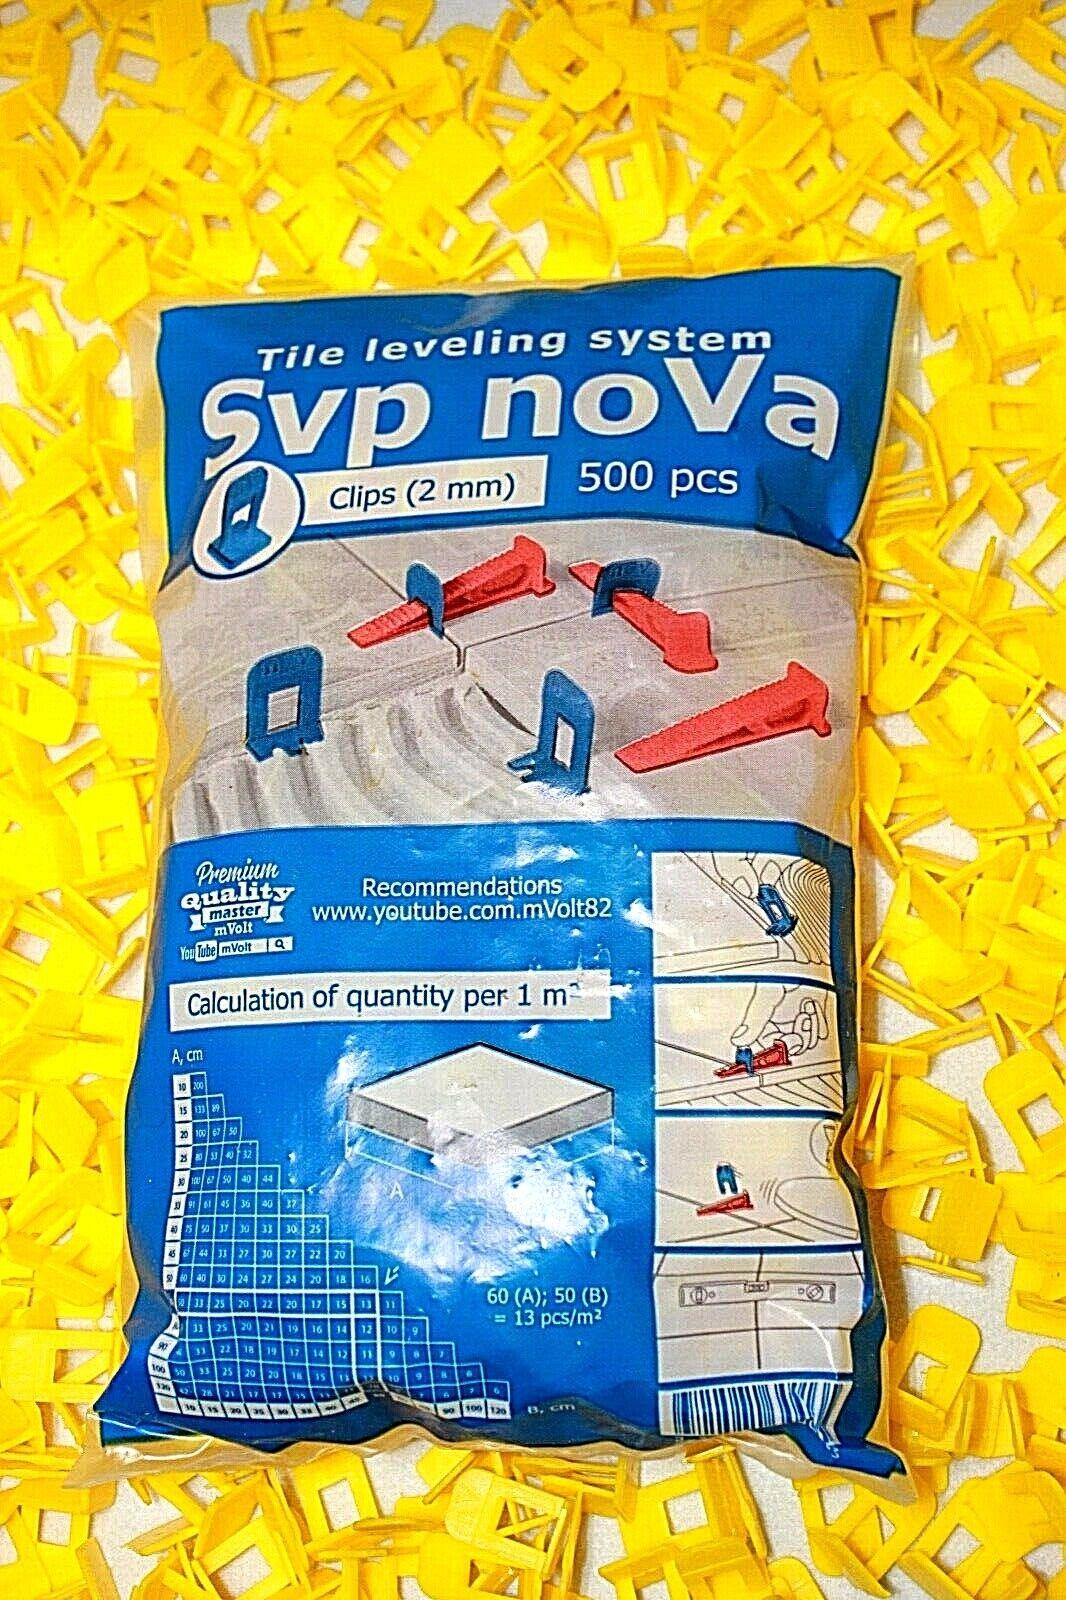 Fliesen Nivelliersystem, Verlegehilfe Laschen ( 1mm -  2mm )   Svp-noVa  | Spielen Sie auf der ganzen Welt und verhindern Sie, dass Ihre Kinder einsam sind  | Modern Und Elegant  | Zart